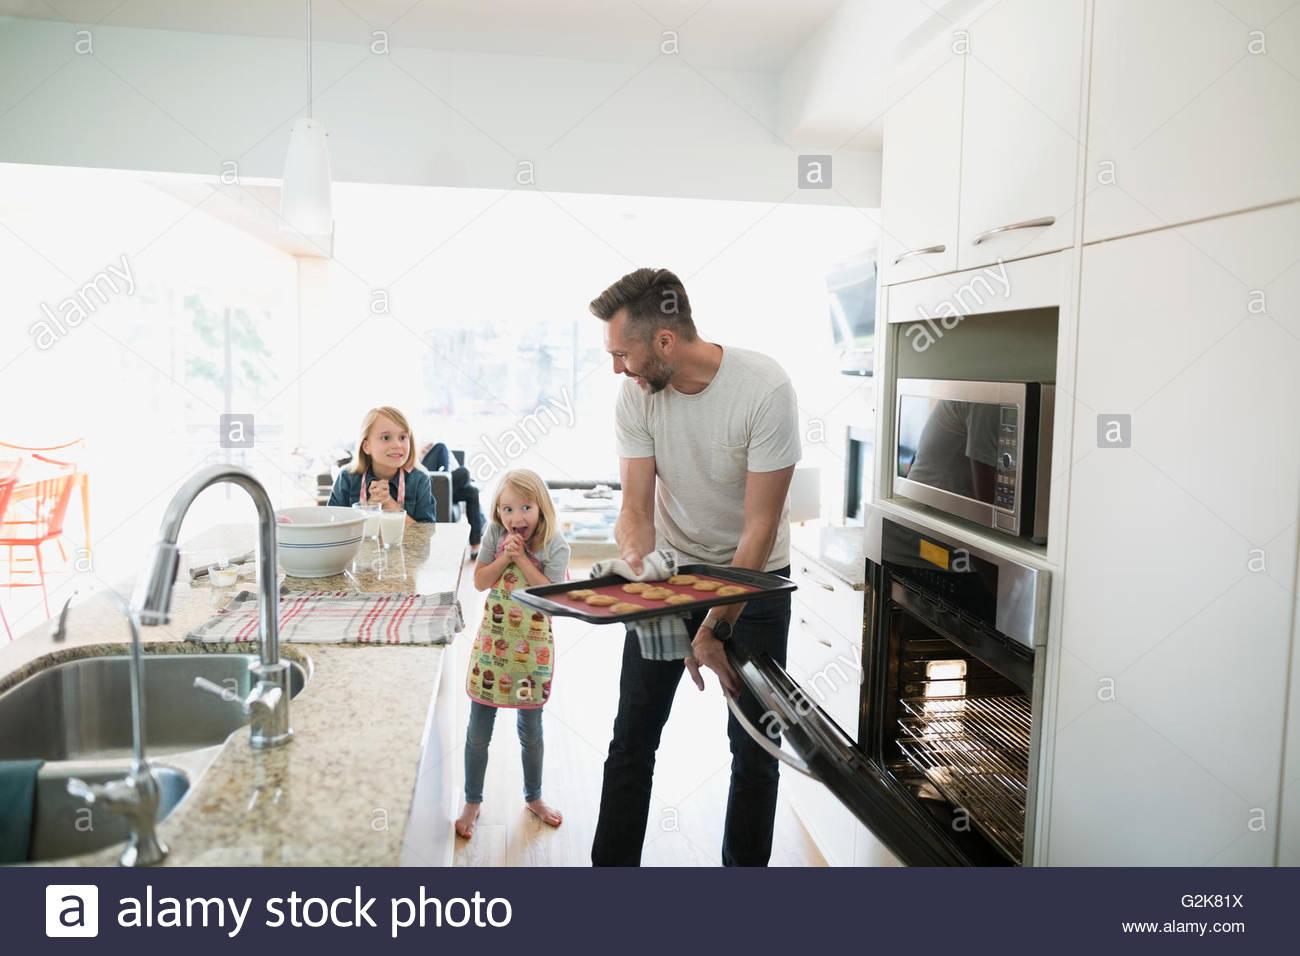 Vater und Töchter Backen in Küche Stockbild